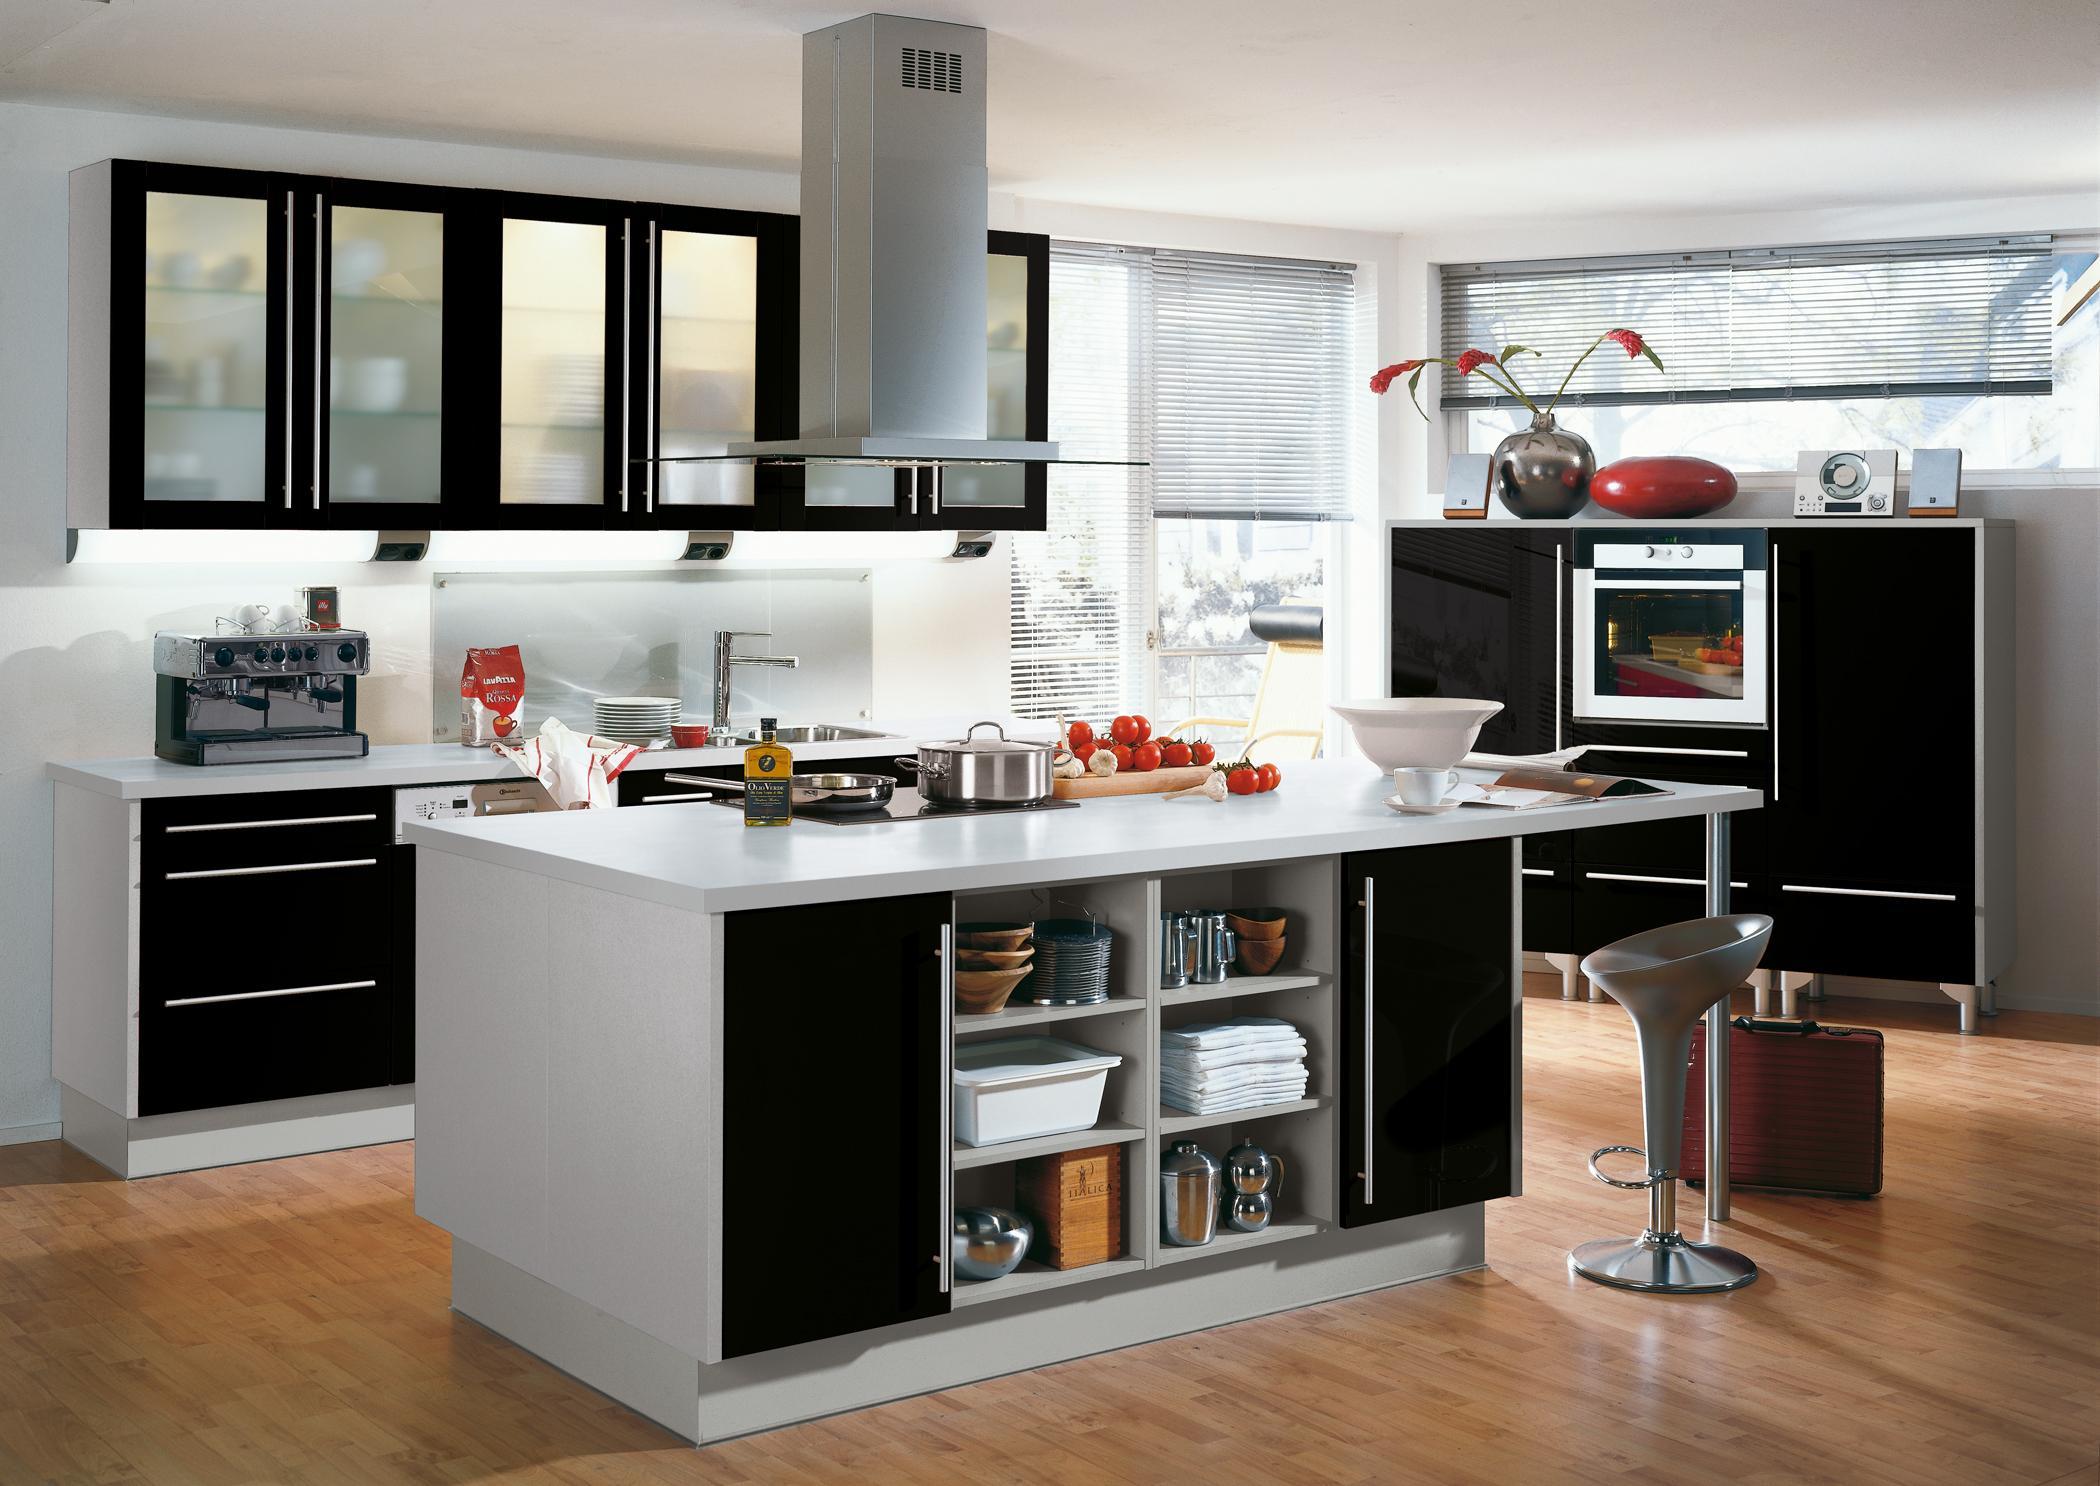 Schwarze Kücheninsel • Bilder & Ideen • COUCH